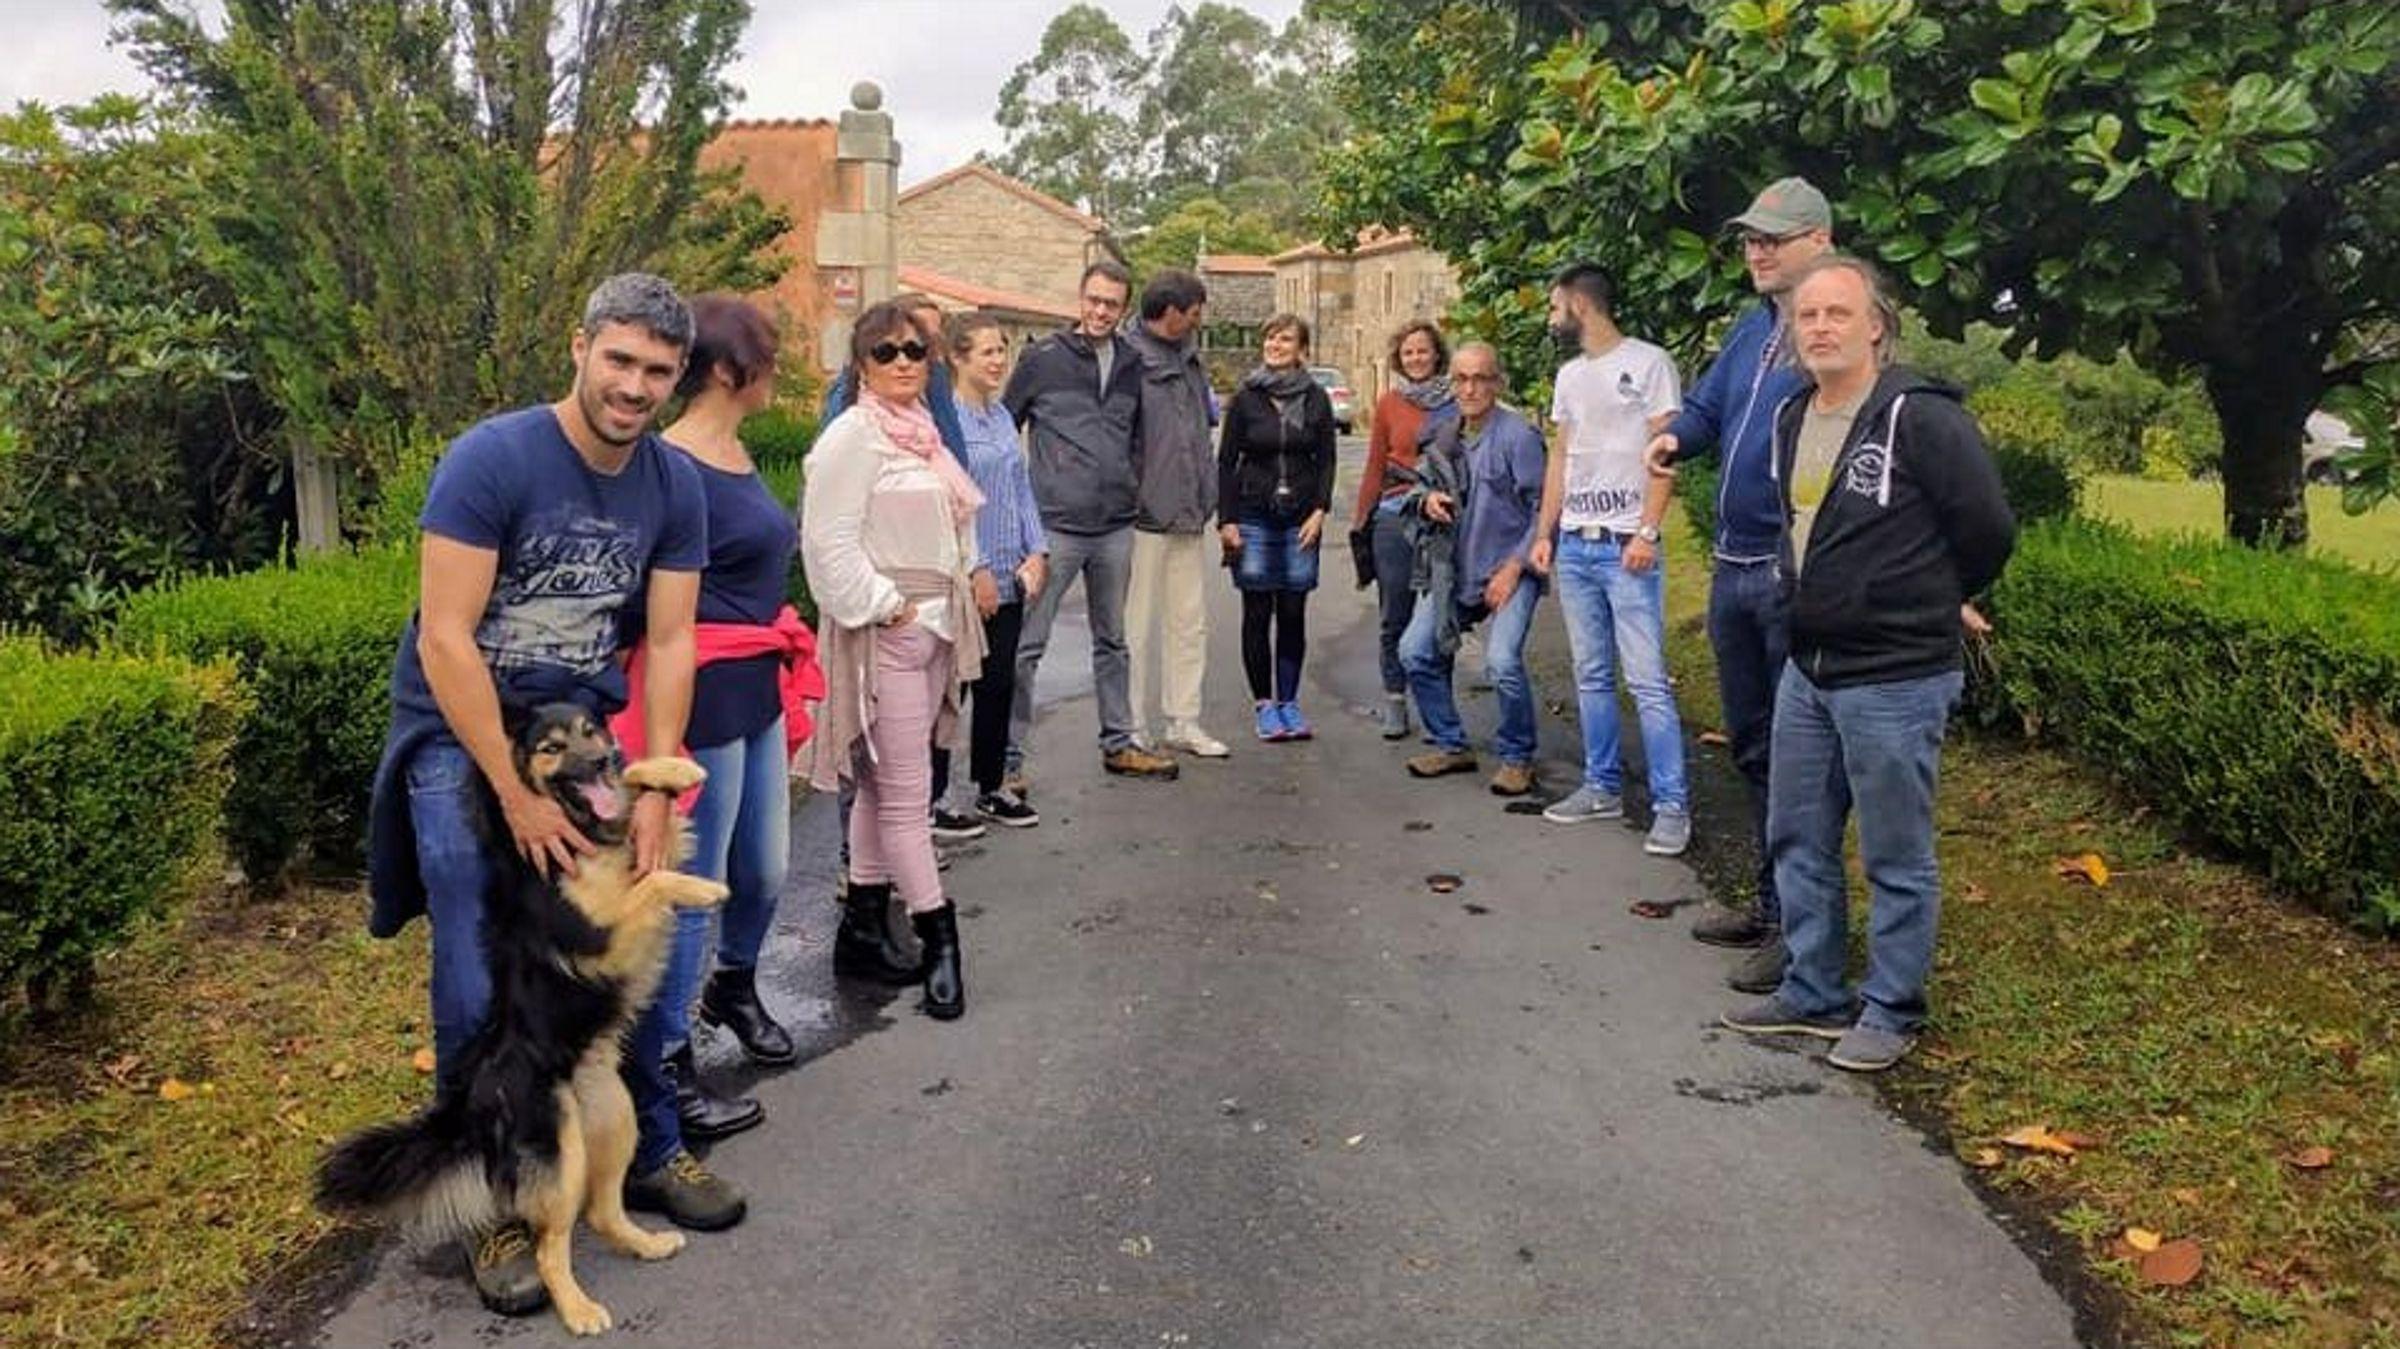 Herralde acaba de participar en las Conversaciones de Formentor, celebradas en el municipio mallorquín de Pollensa